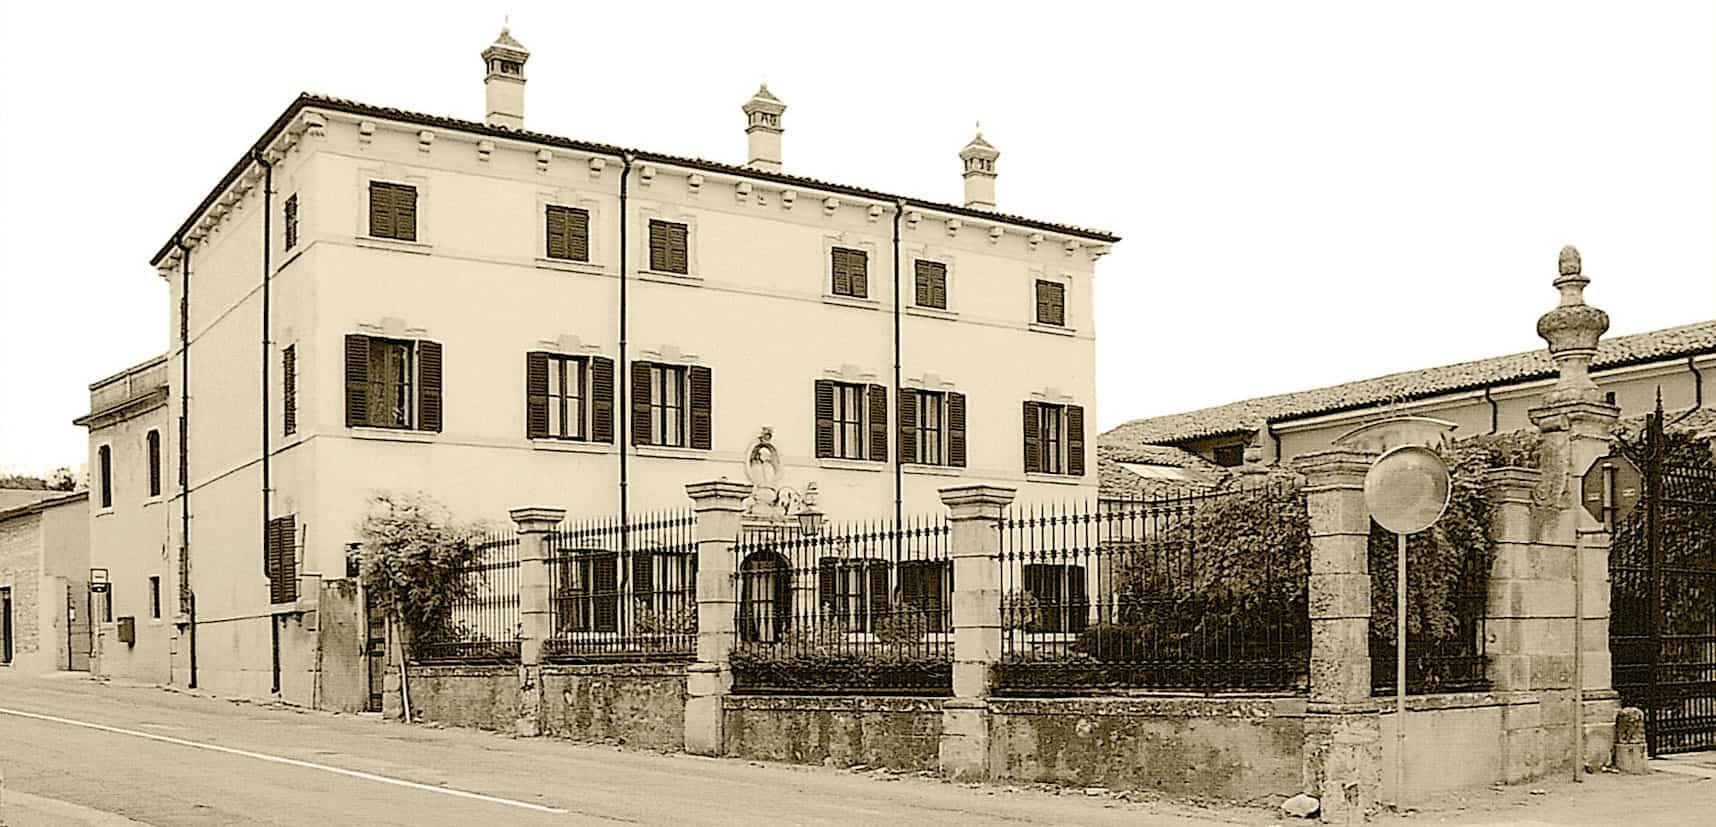 Esterno di villa canestrari e del museo del vino di Verona